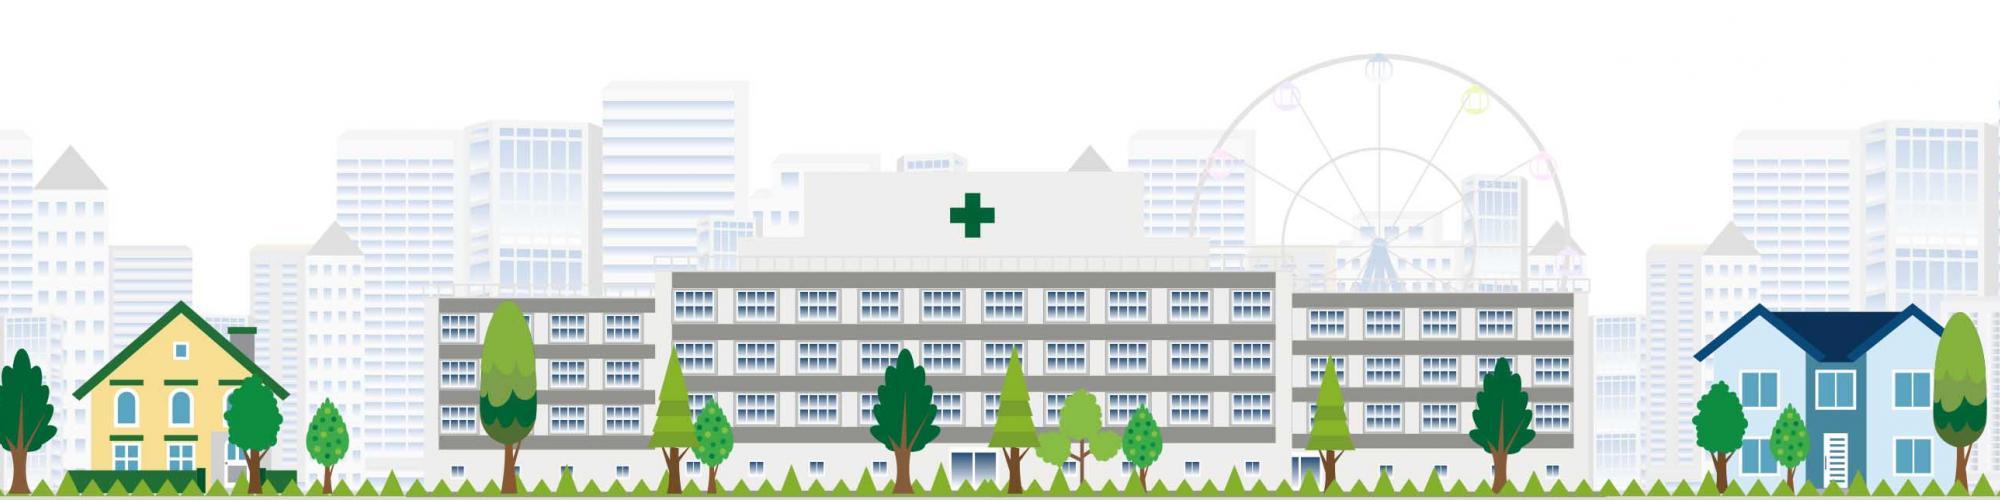 SYNLAB Medizinisches Versorgungszentrum Leinfelden-Echterdingen GmbH